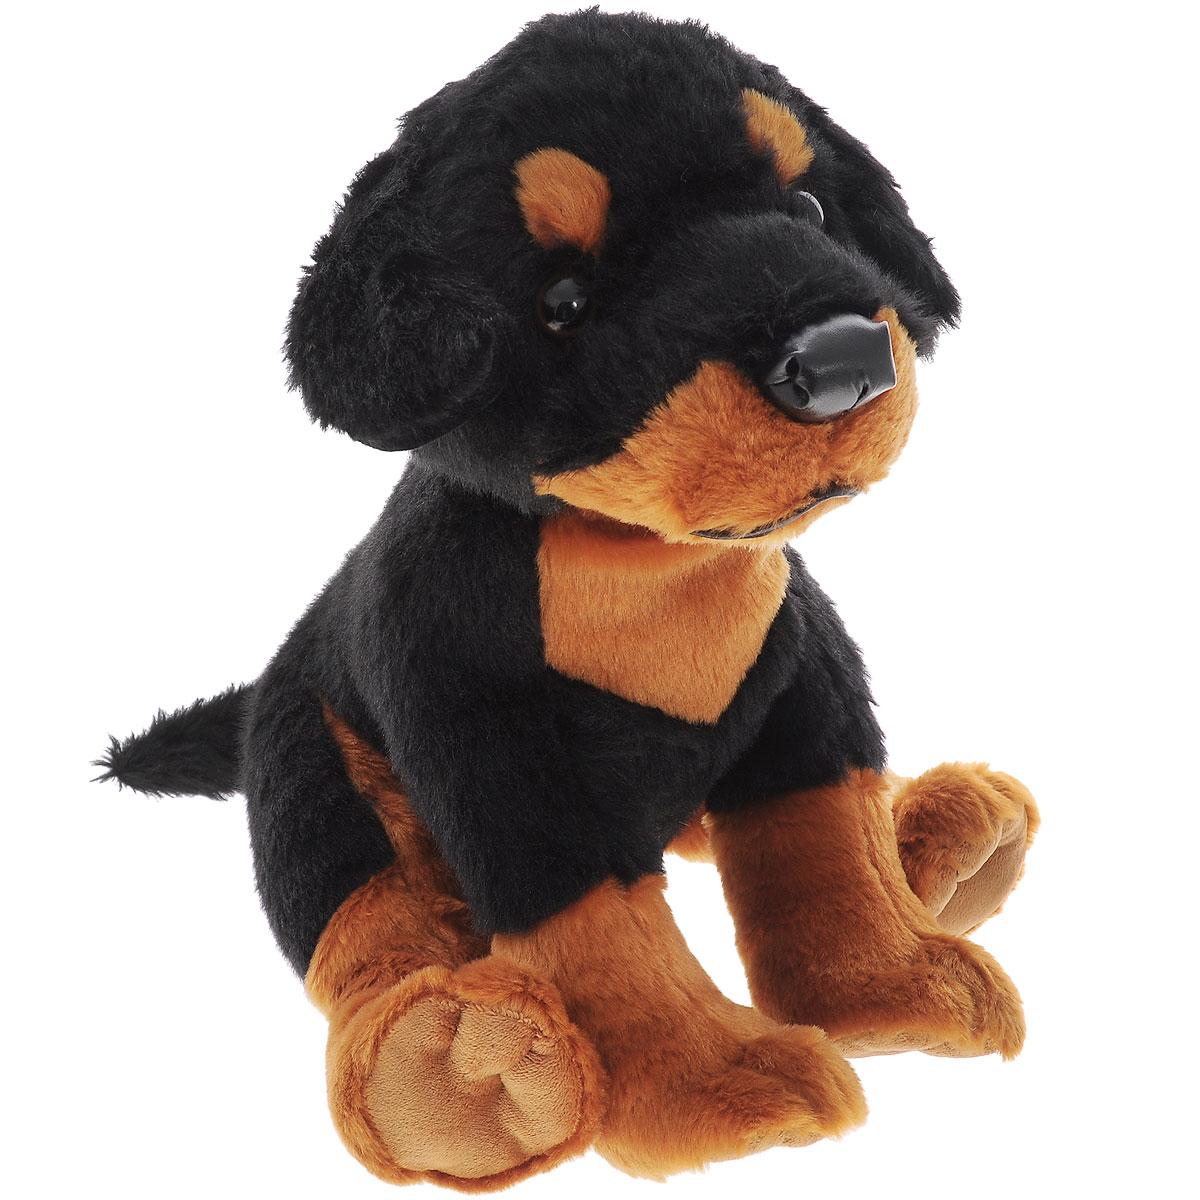 Plush Apple Мягкая игрушка Собака ротвейлер, 27 смK33210AМягкая игрушка Plush Apple Собака ротвейлер произведена из высококачественных материалов, безвредных для ребенка. Игрушка в виде собачки породы ротвейлер станет преданным и верным другом для малыша. С собачкой ребенку будет весело проводить время: играть и ходить на прогулку. Уникальная технология, авторский дизайн и ручная проработка деталей делают игрушку чудесным подарком к любому празднику. Мягкая игрушка способствует развитию воображения и тактильной чувствительности у детей.